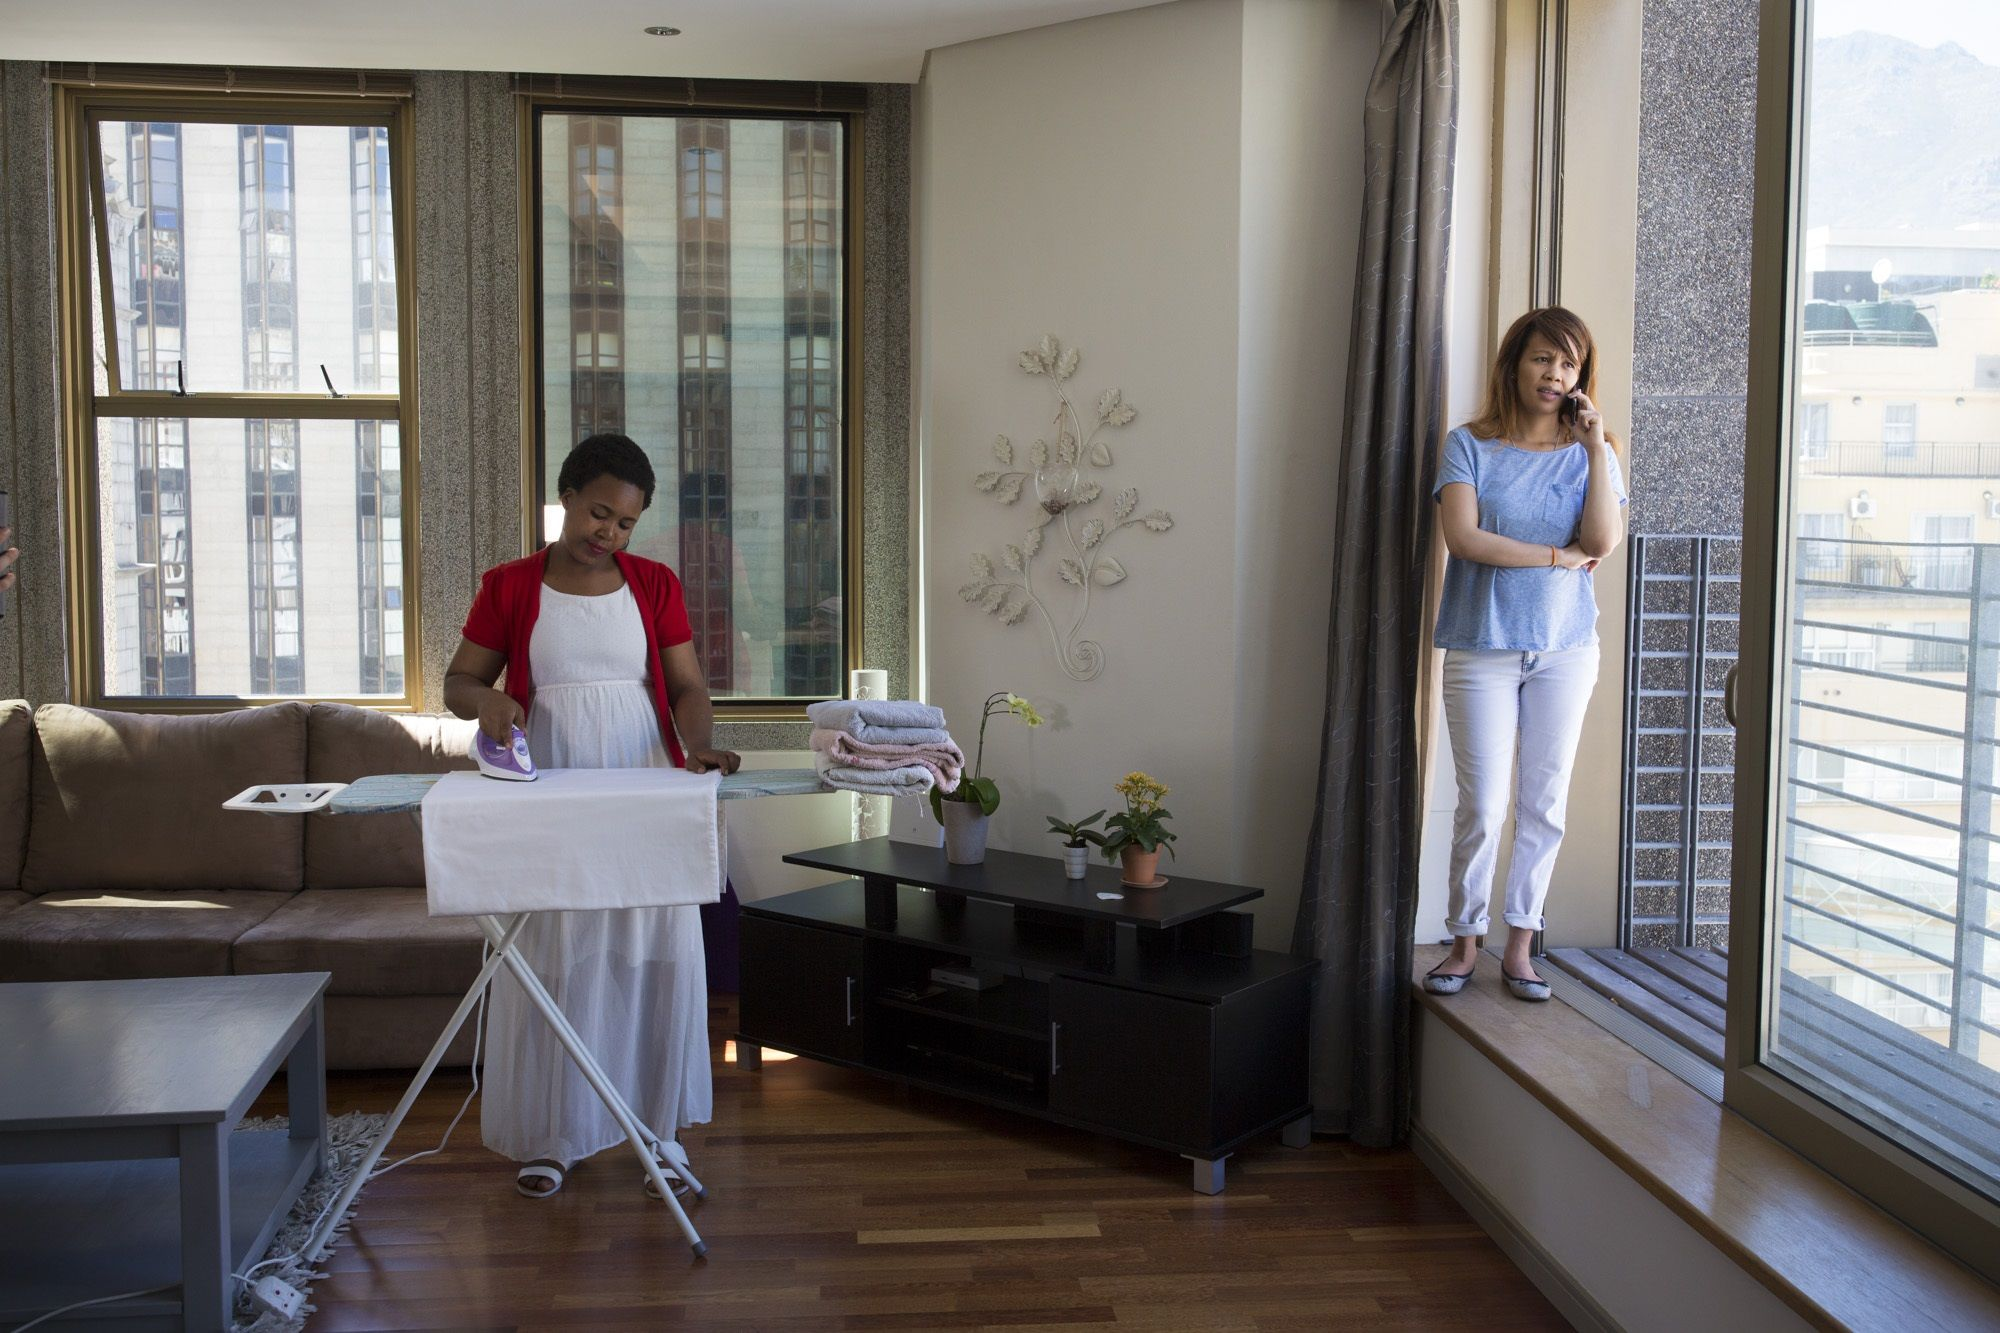 sweepsouth app cleaners Aisha Pandor